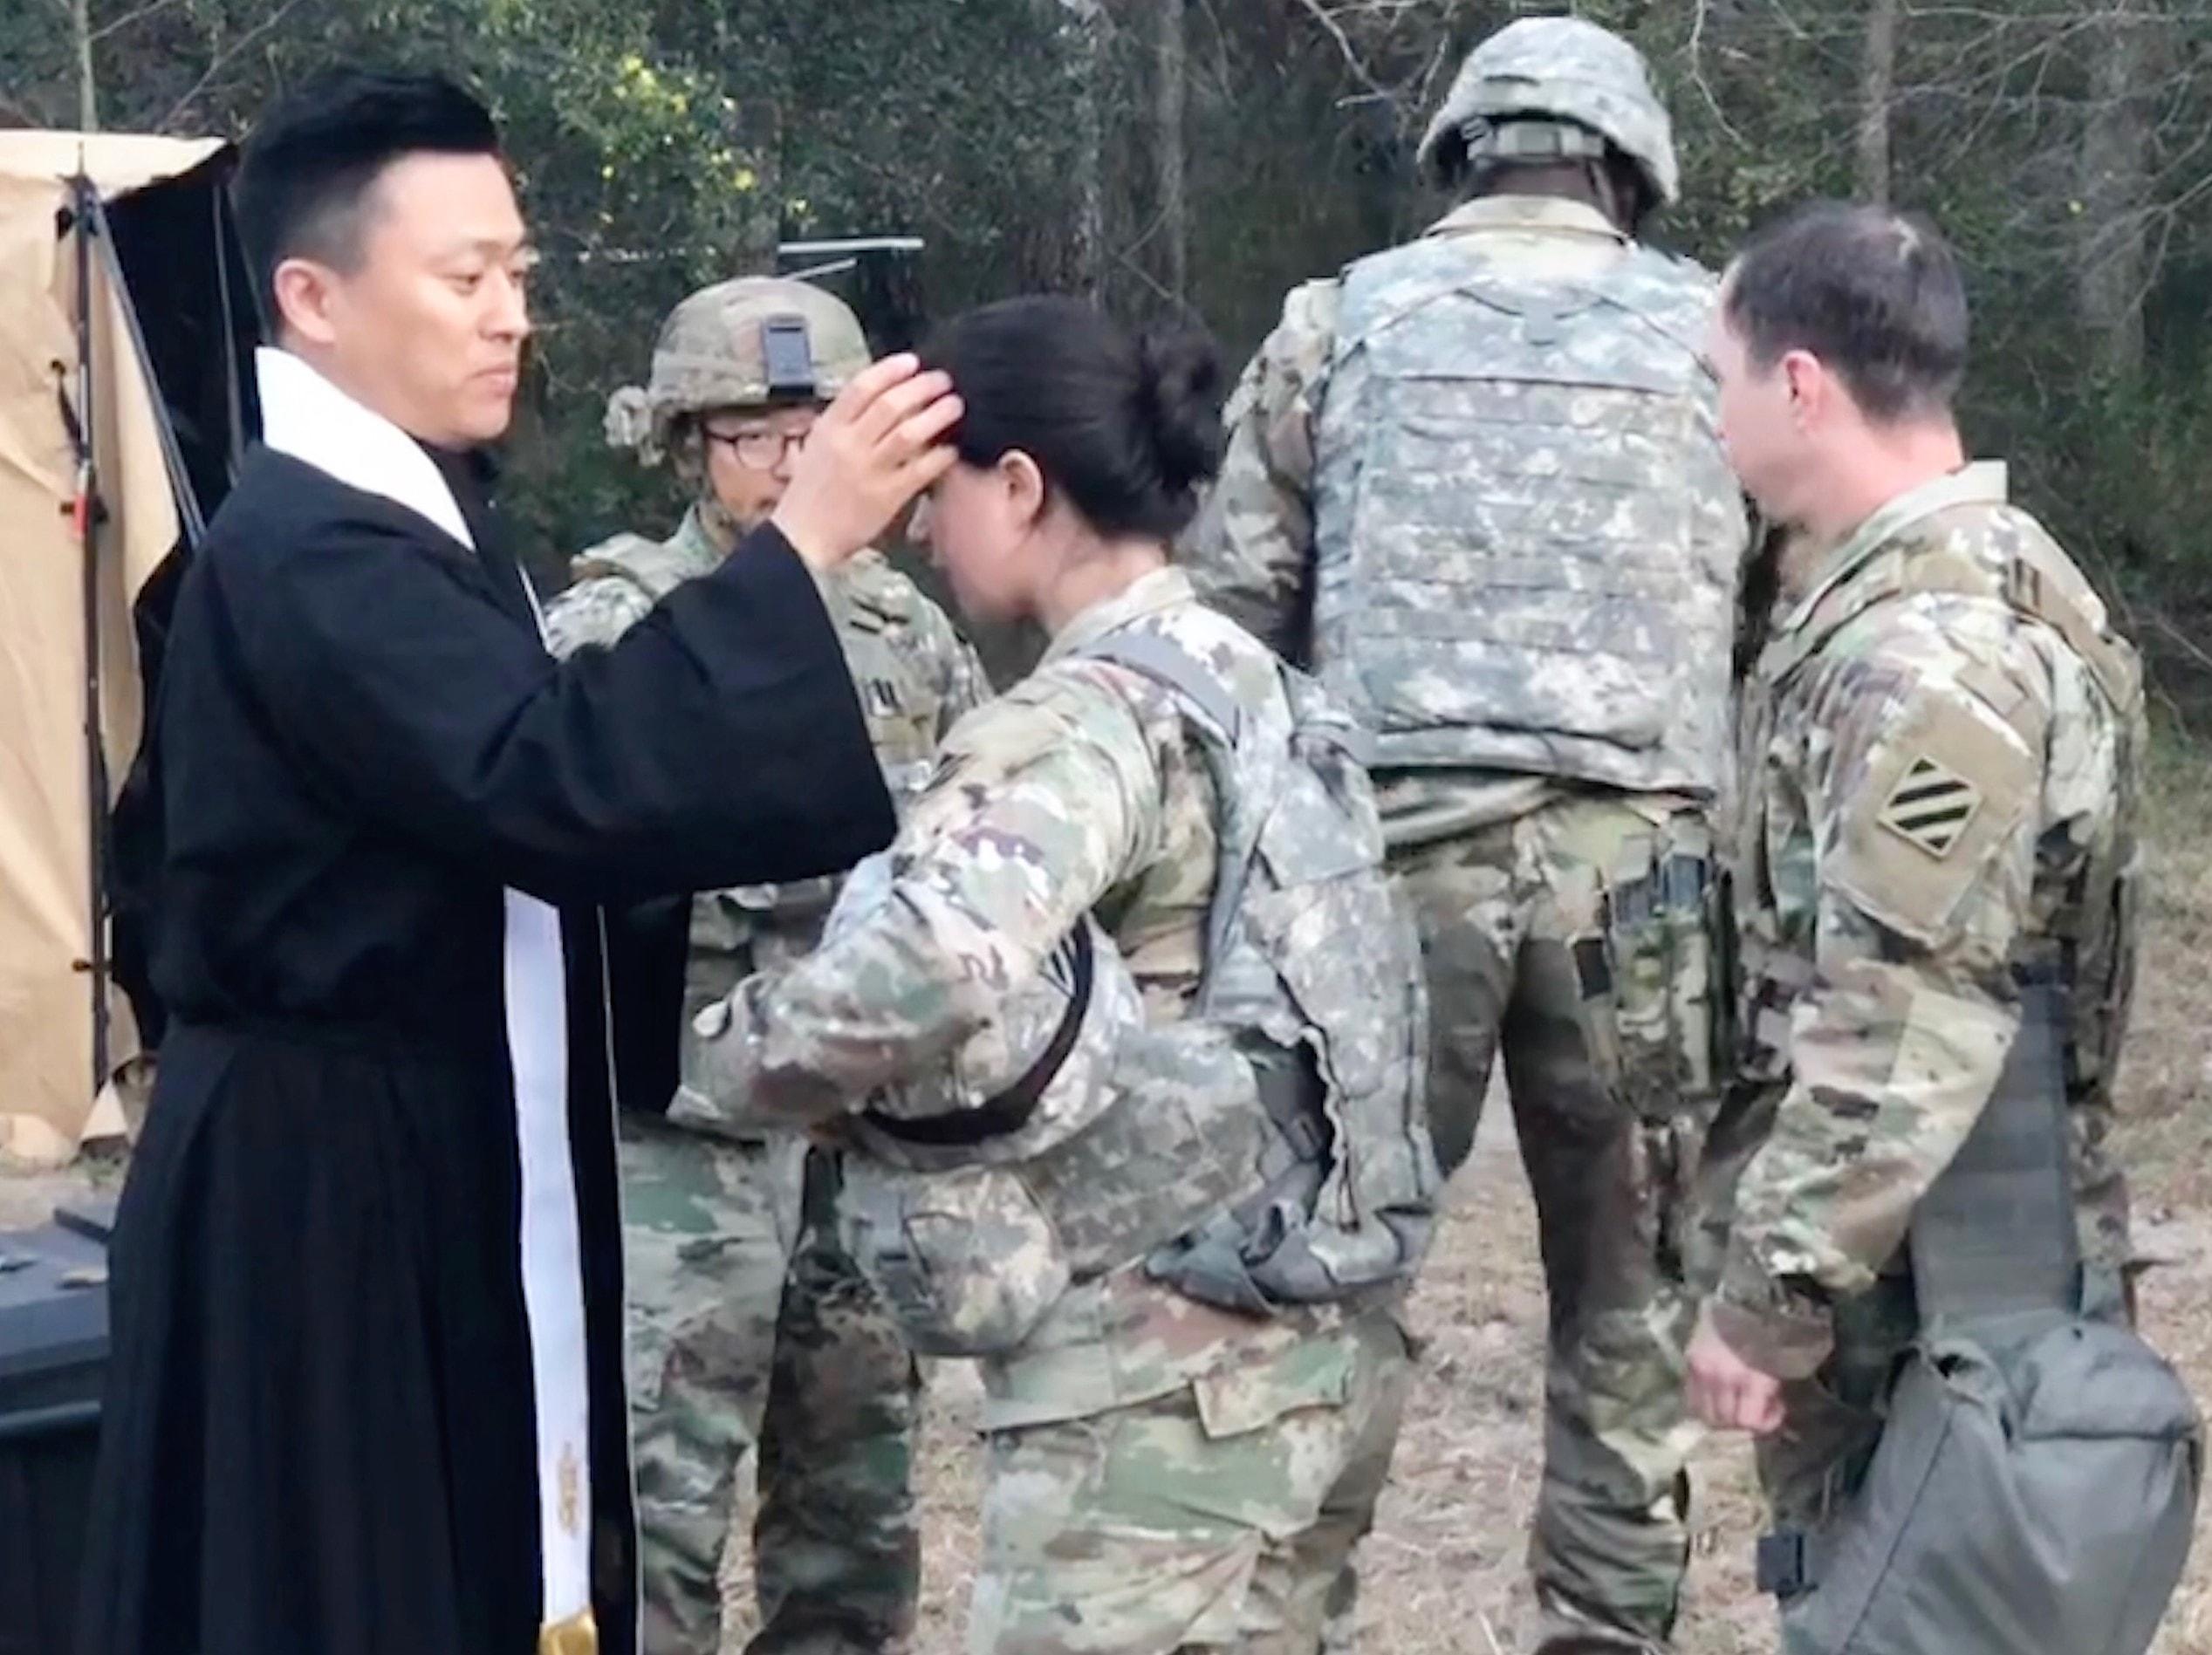 이두수 목사가 사격 훈련 중인 군인들과 함께 재의 수요일 예배를 드리고 있다. 사진 제공 이두수 목사.